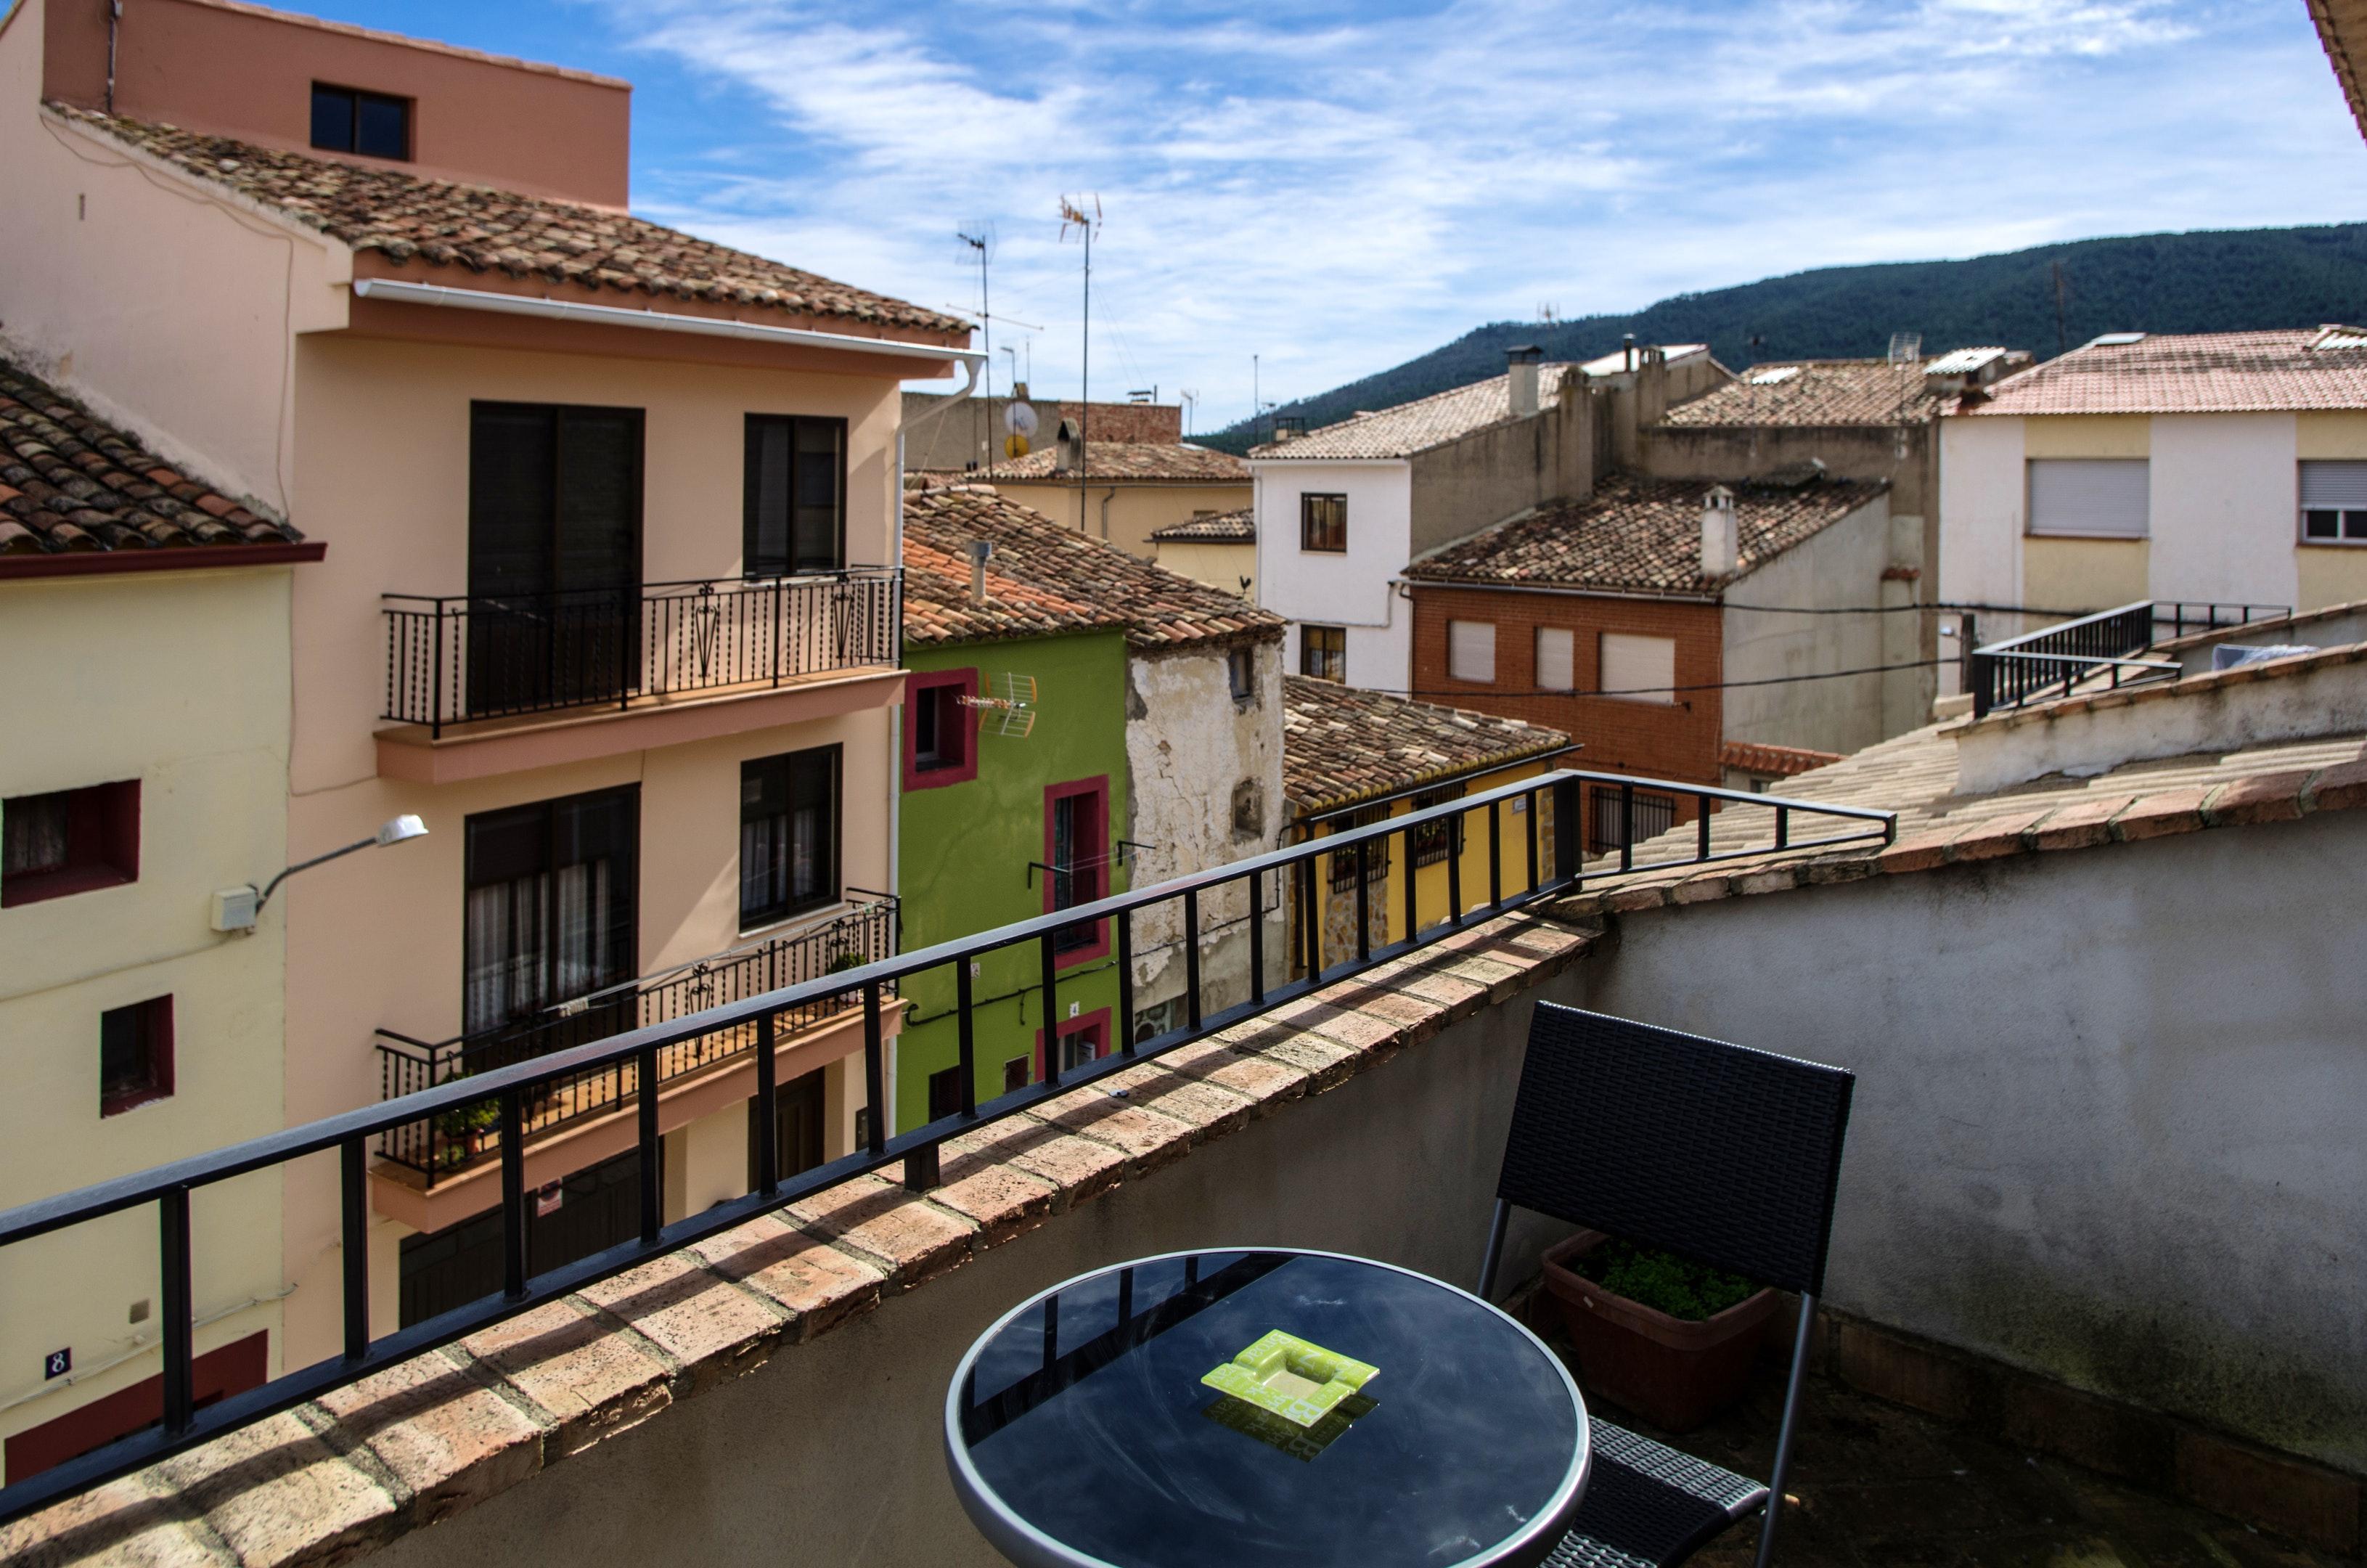 Ferienhaus Haus mit 3 Schlafzimmern in Talayuelas mit toller Aussicht auf die Berge, möblierter Terra (2202603), Talayuelas, Cuenca, Kastilien-La Mancha, Spanien, Bild 11